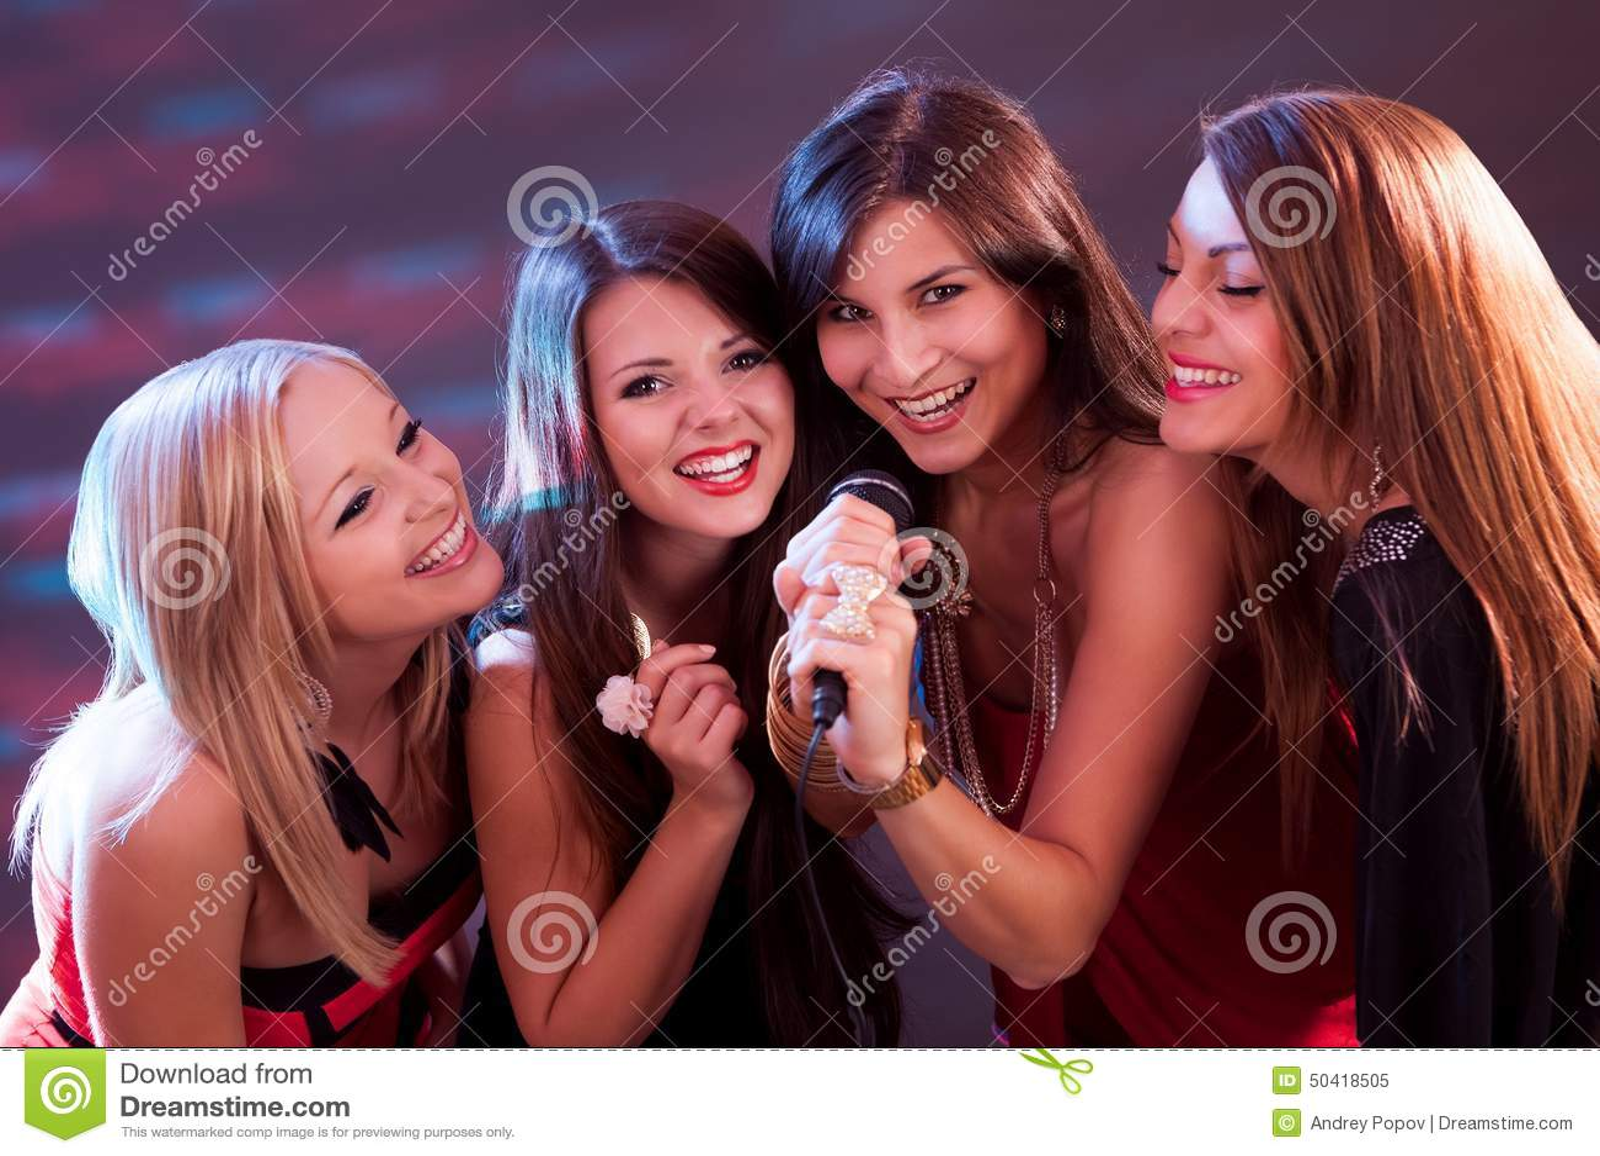 Поющие девушки на фото